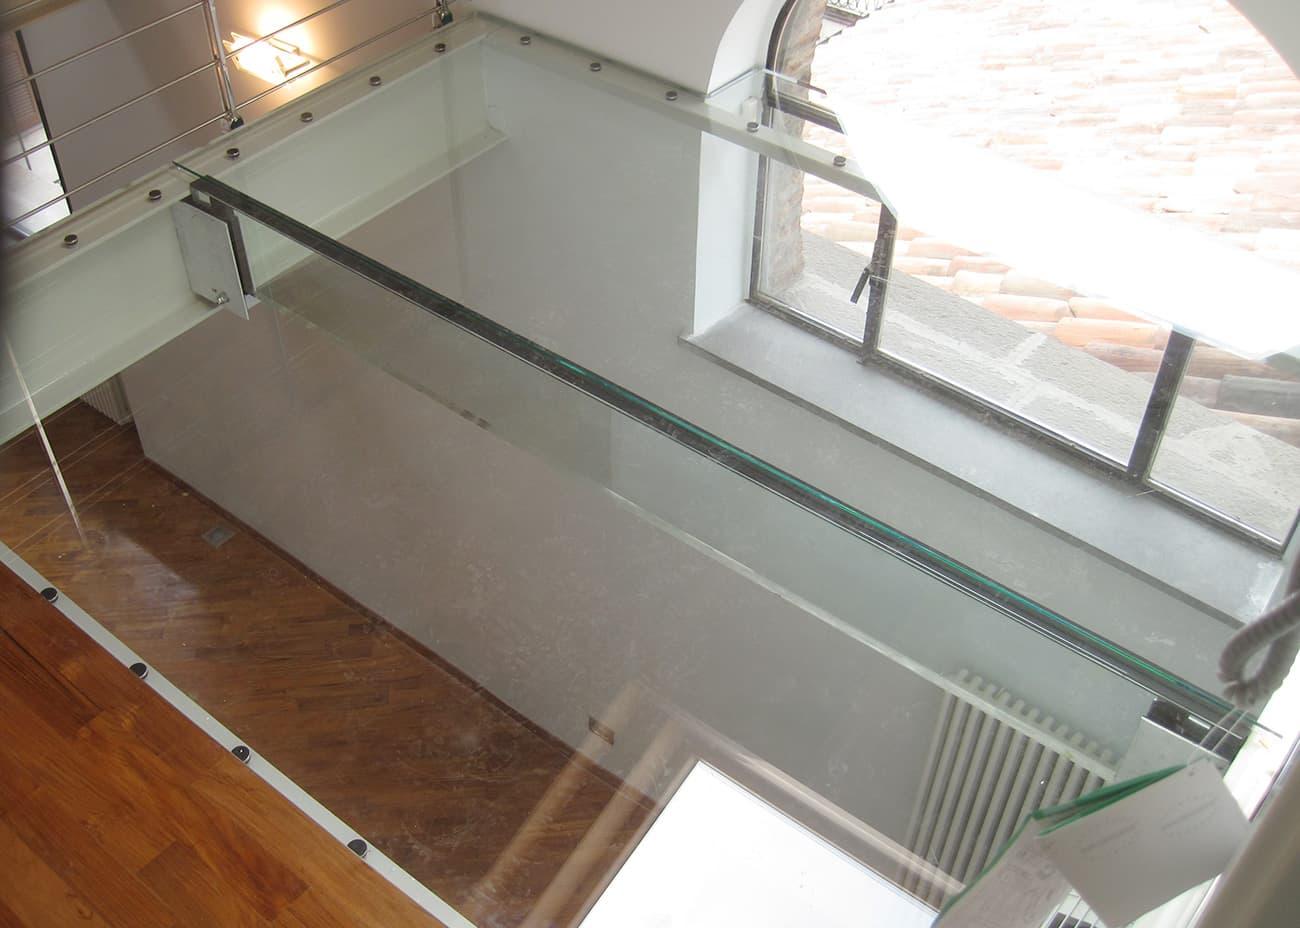 Vetrostrutturle realizza in tutta Italia strutture portanti in vetro realizzate con sistema VTRS